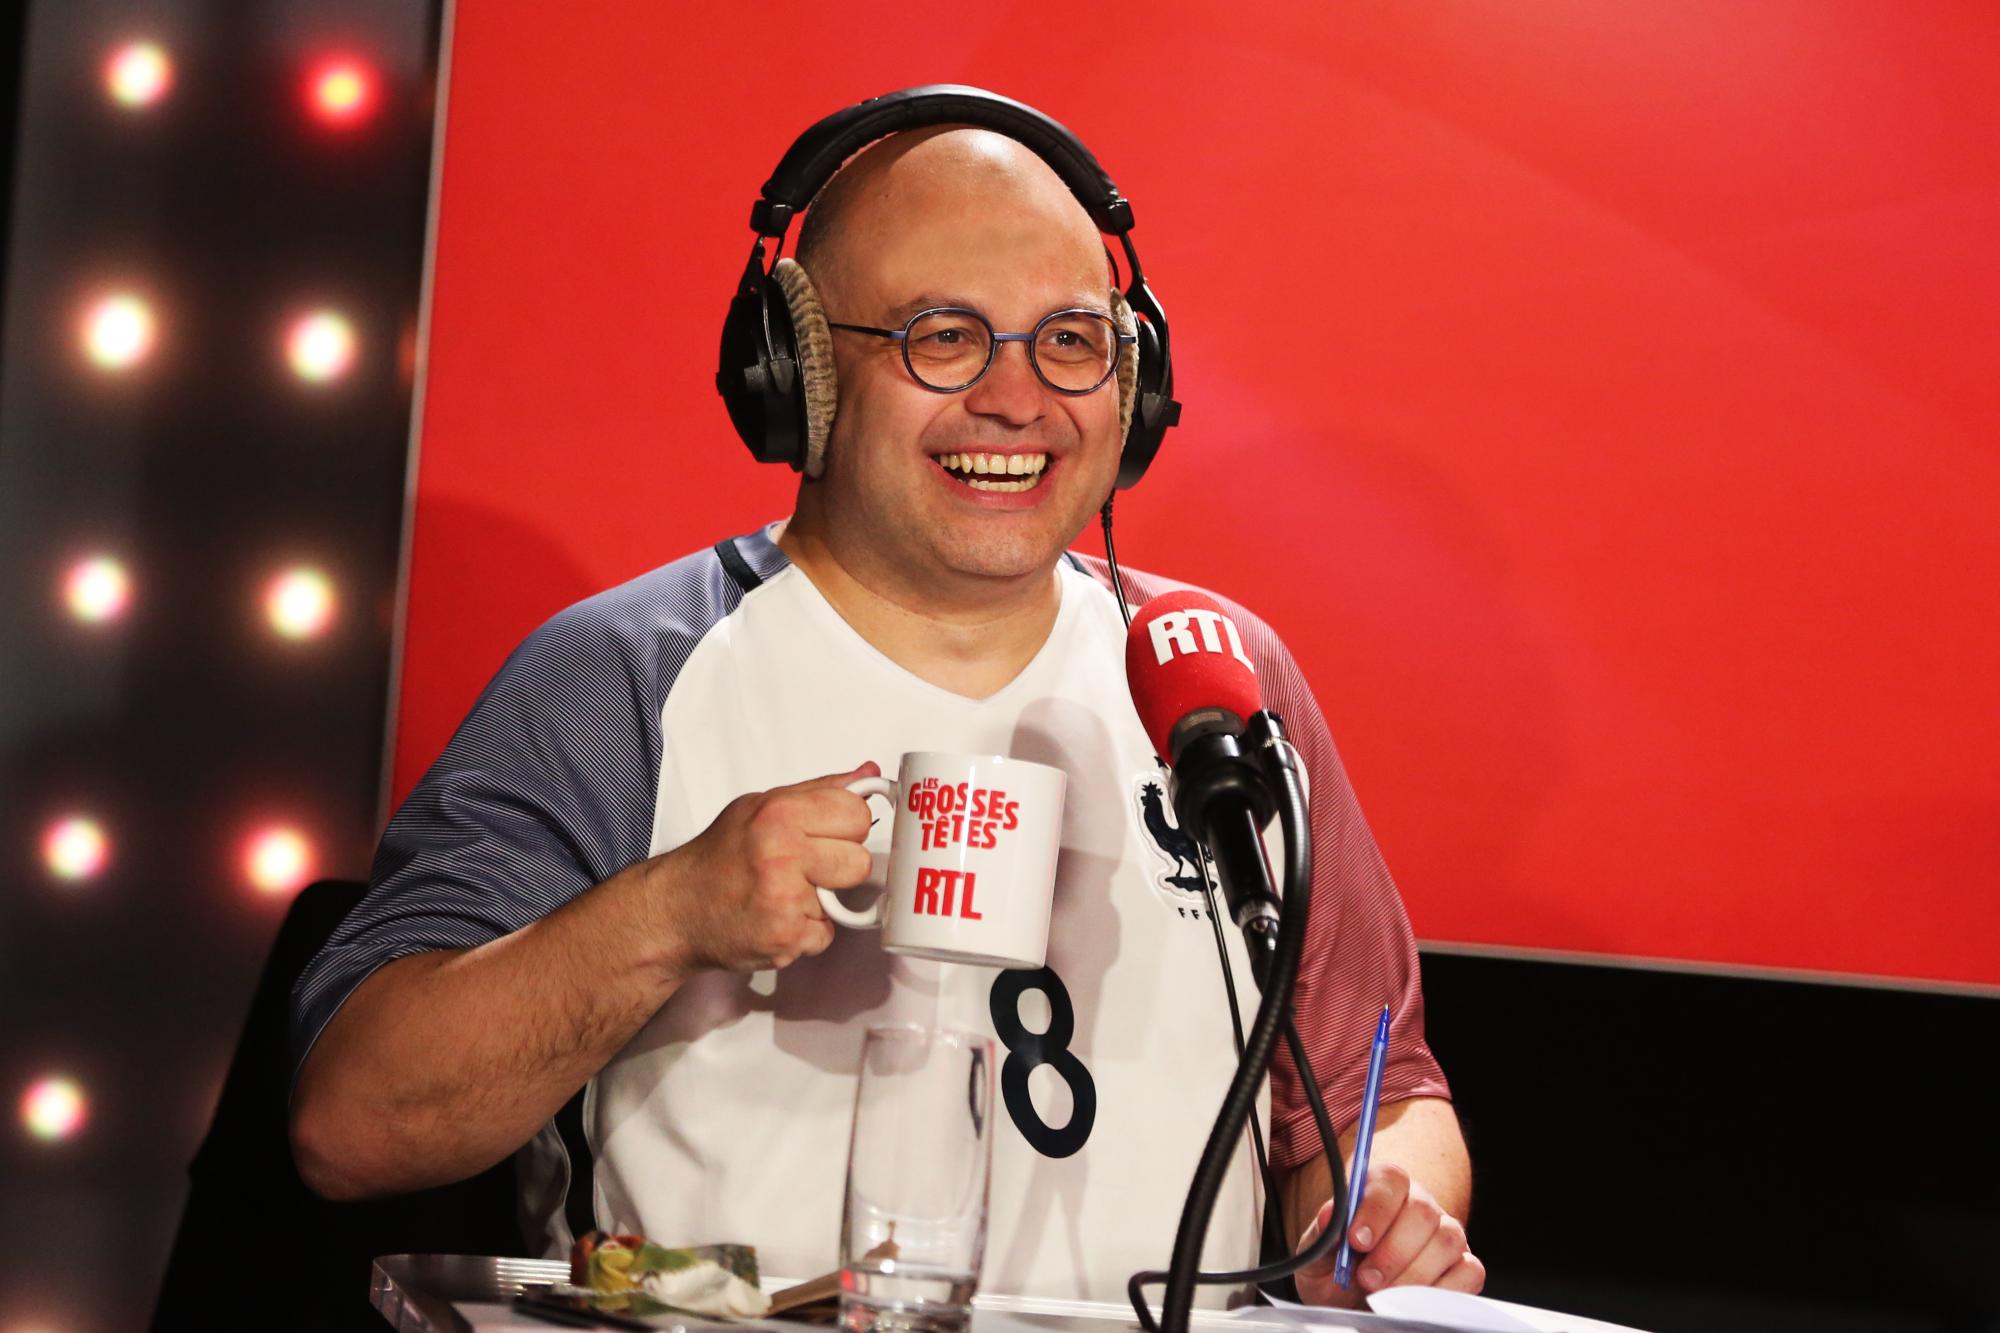 VIDÉO - Les Grosses Têtes : Yoann Riou s'enflamme sur le livre de Daniel Picouly ! - RTL.fr